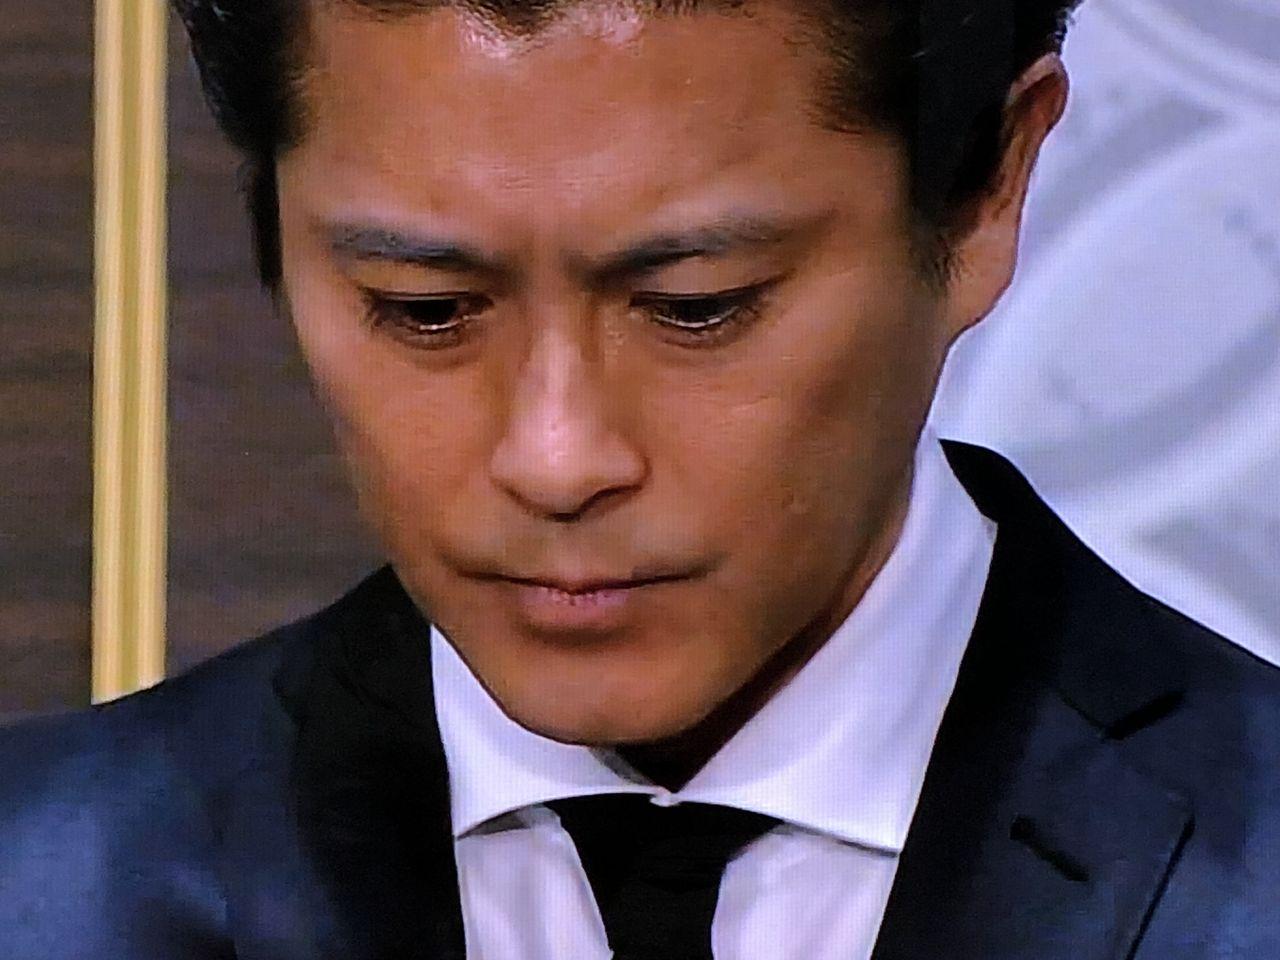 【芸能】もういいじゃない!  「夜に涙」近況報じられた山口めぐり…TOKIO内に温度差 見舞いはリーダー城島だけ